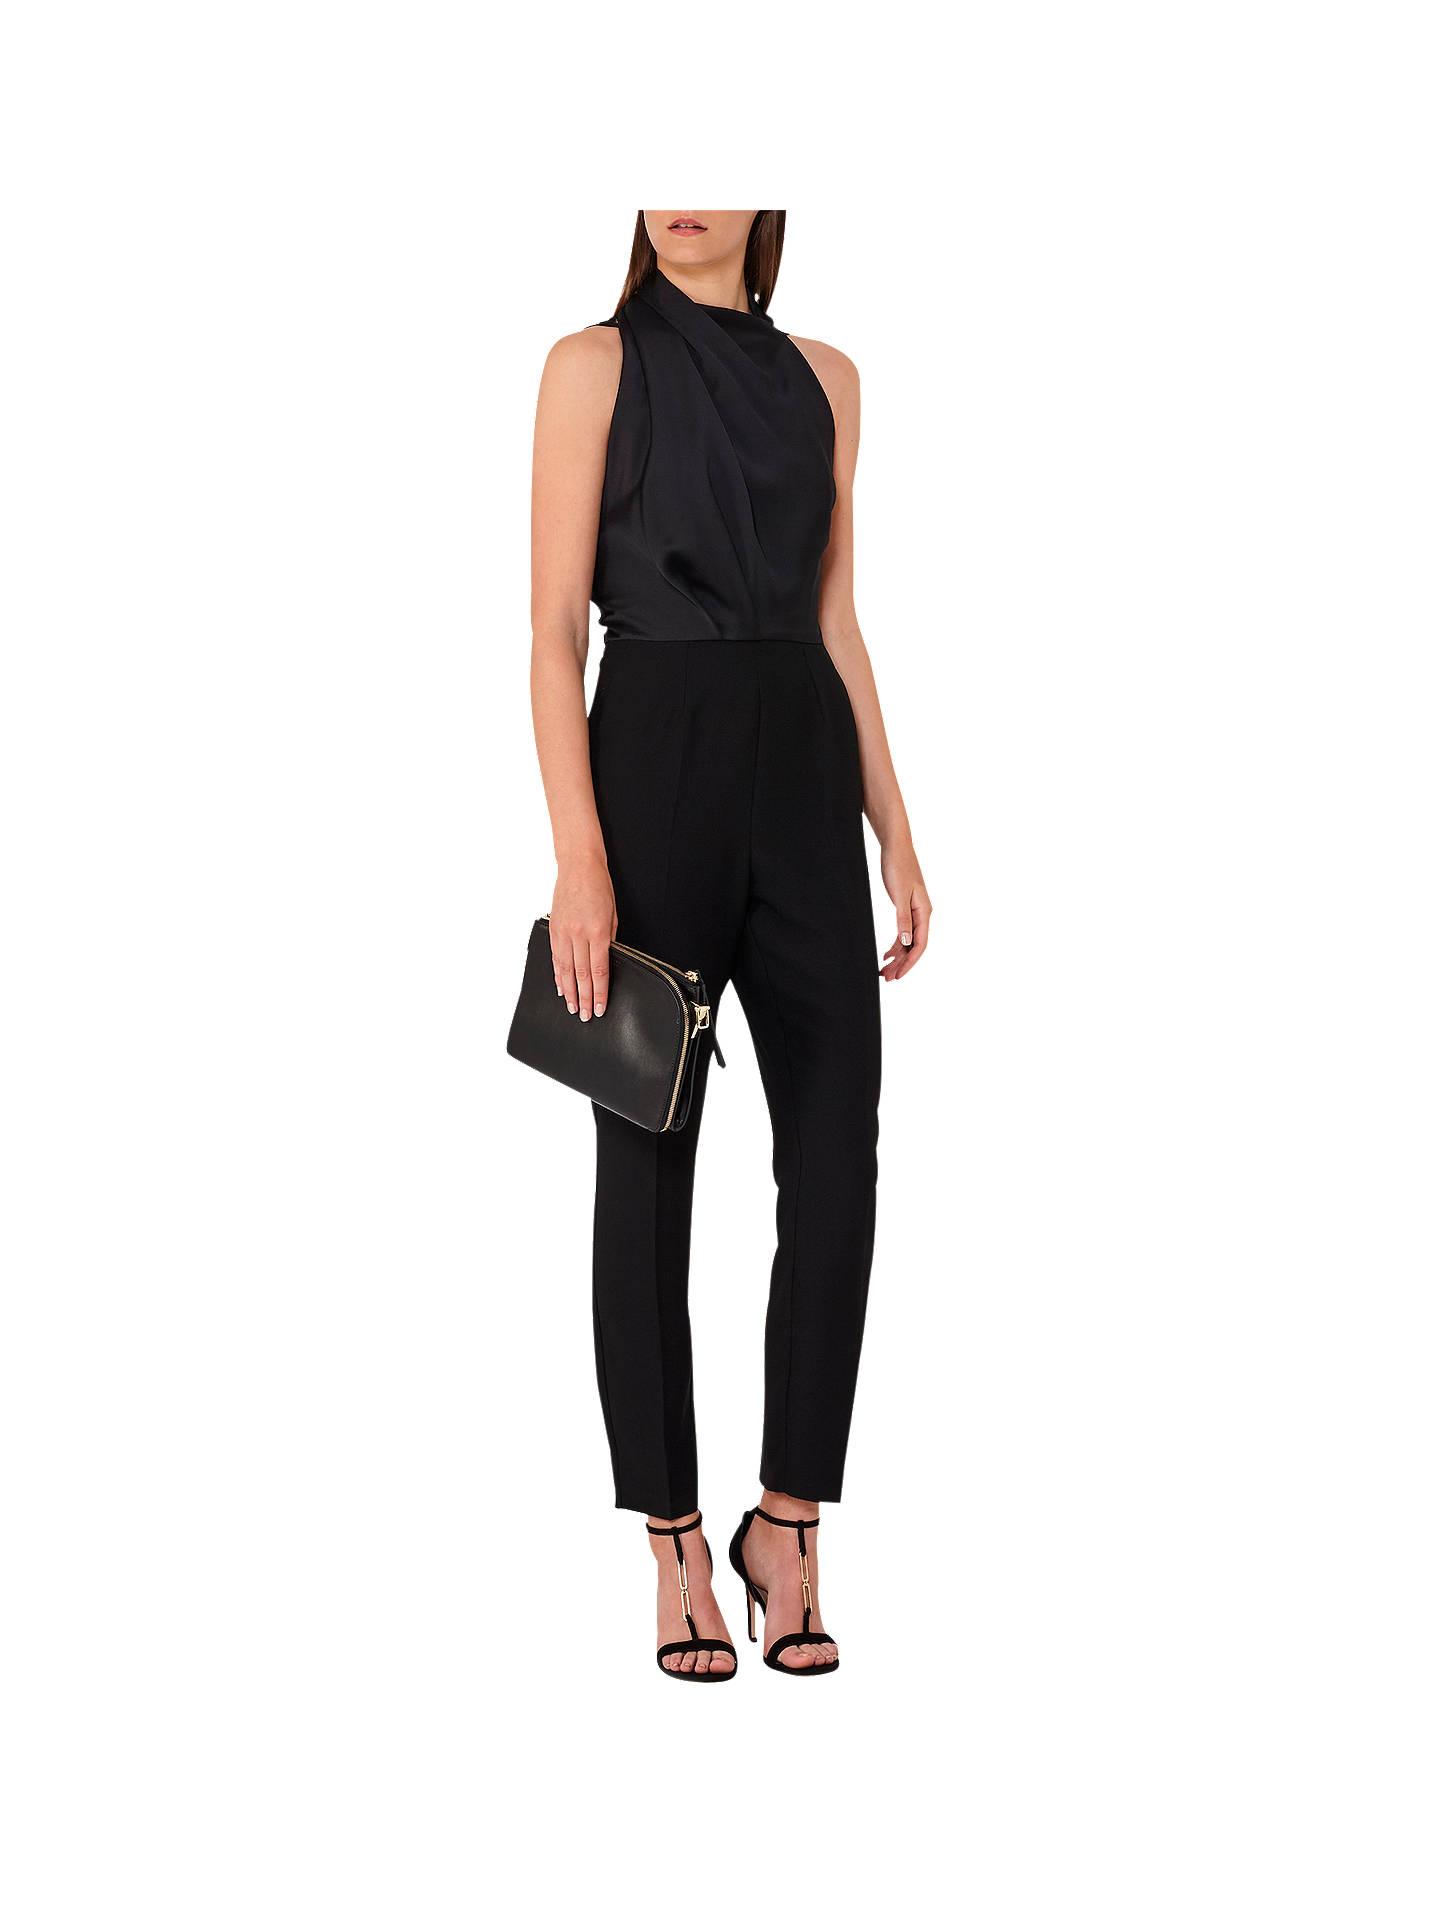 65e4006612ab Buy Reiss Kita Lace Back Jumpsuit